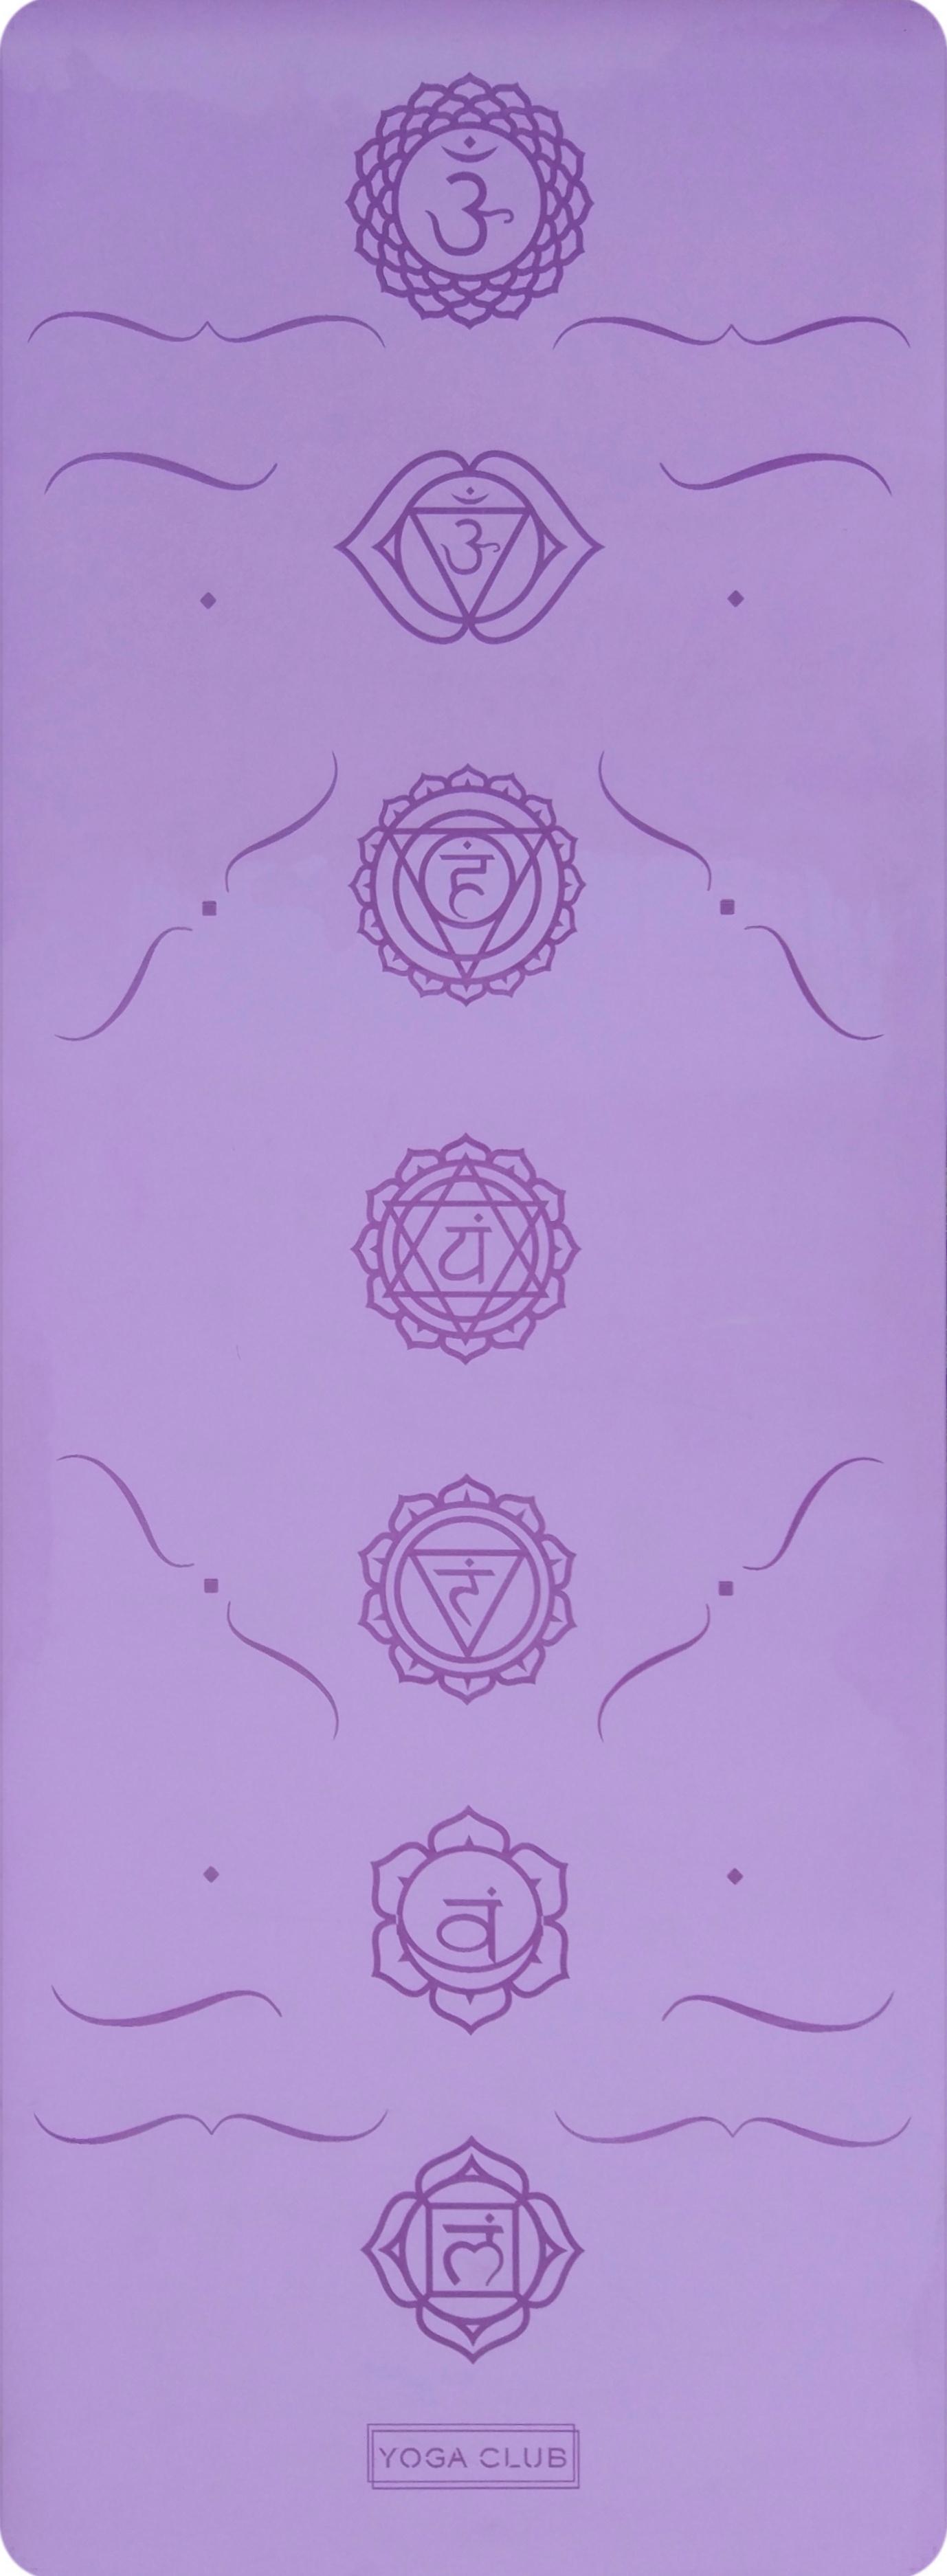 Коврик для йоги Pro Chakras YC из полиуретана и каучука (2,3 кг, 183 см, 4.5 мм, фиолетовый, 68см)